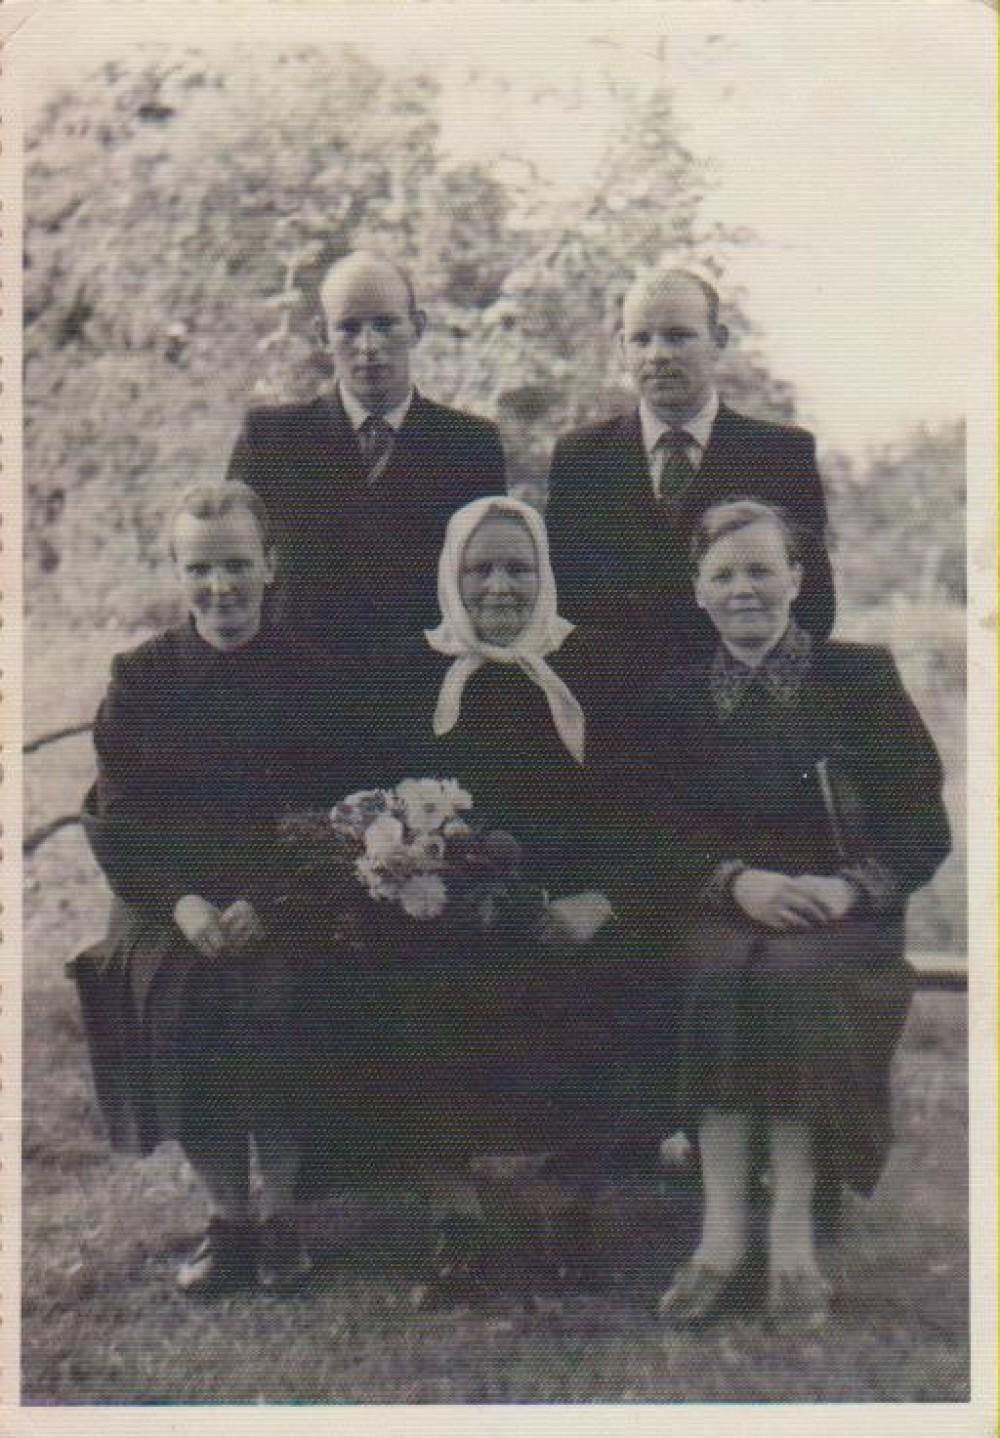 Andriekų šeima. Stovi Stasys ir Jonas. Sėdi Veronika bei Barbora. Centre sėdi mama – Barbora Jankutė-Andriekienė. Barstyčiai